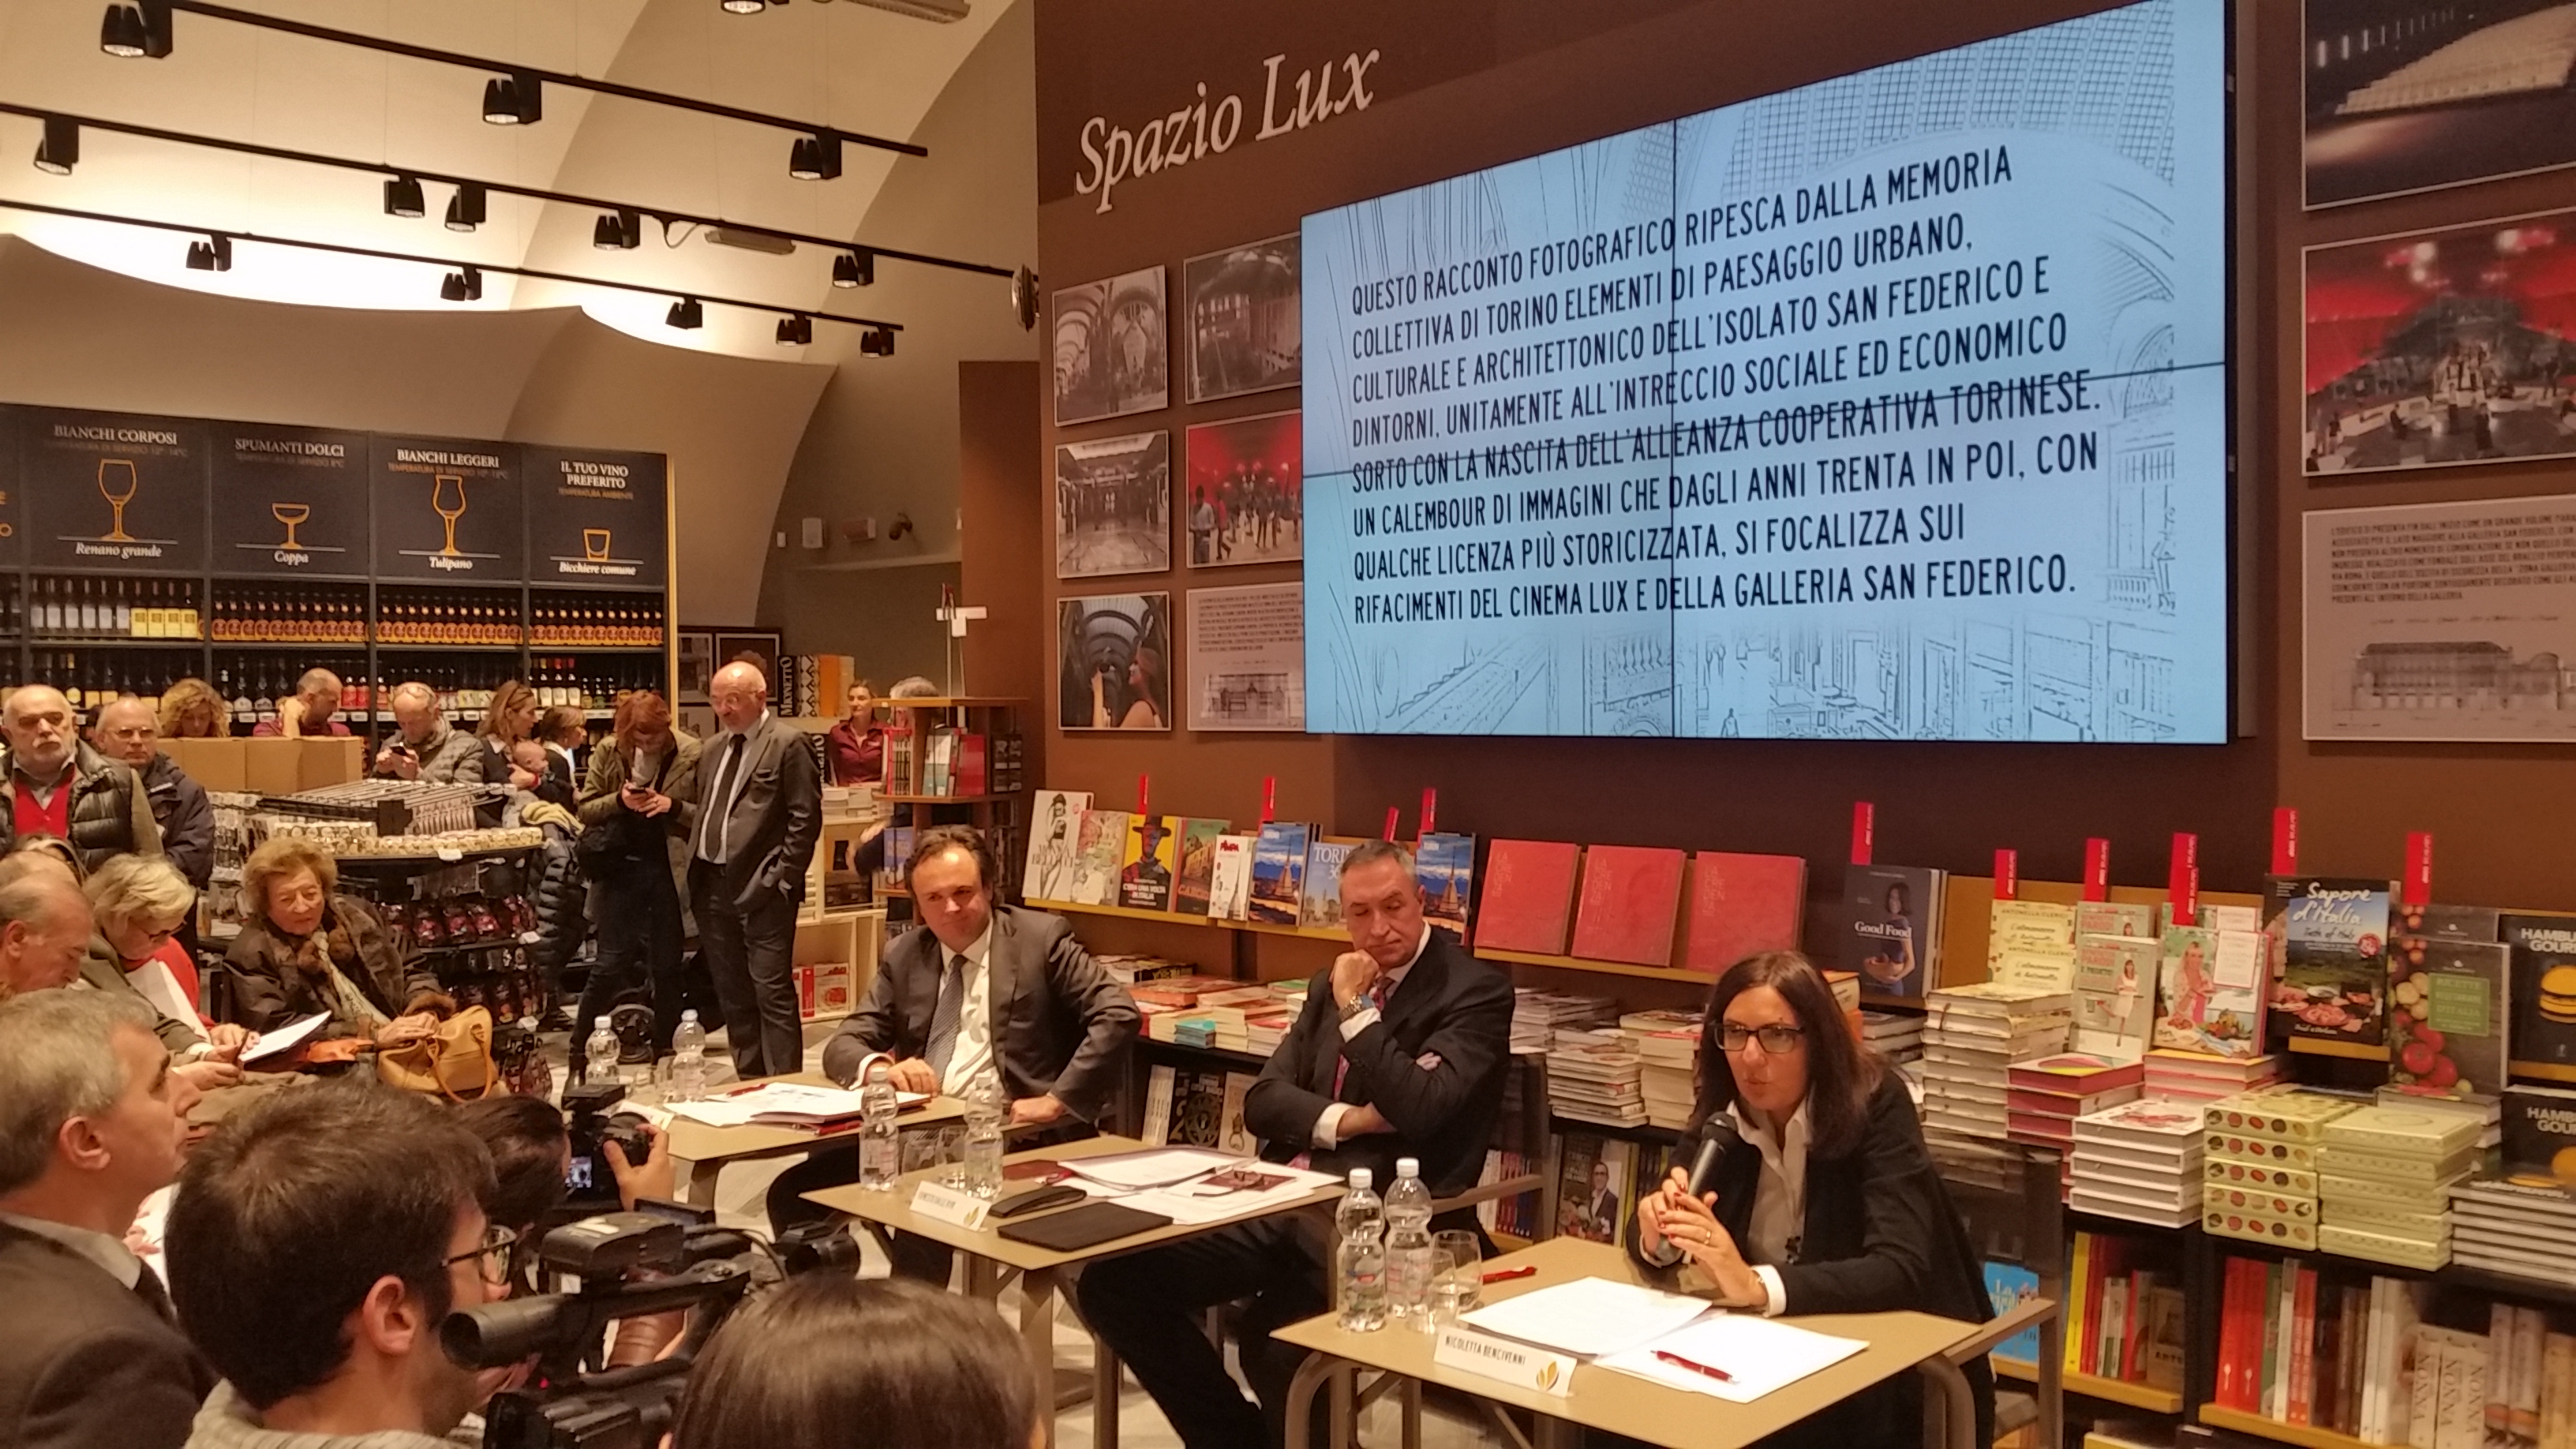 Ristorante La Credenza Galleria San Federico : Torino apre fior food nuovo store di coop